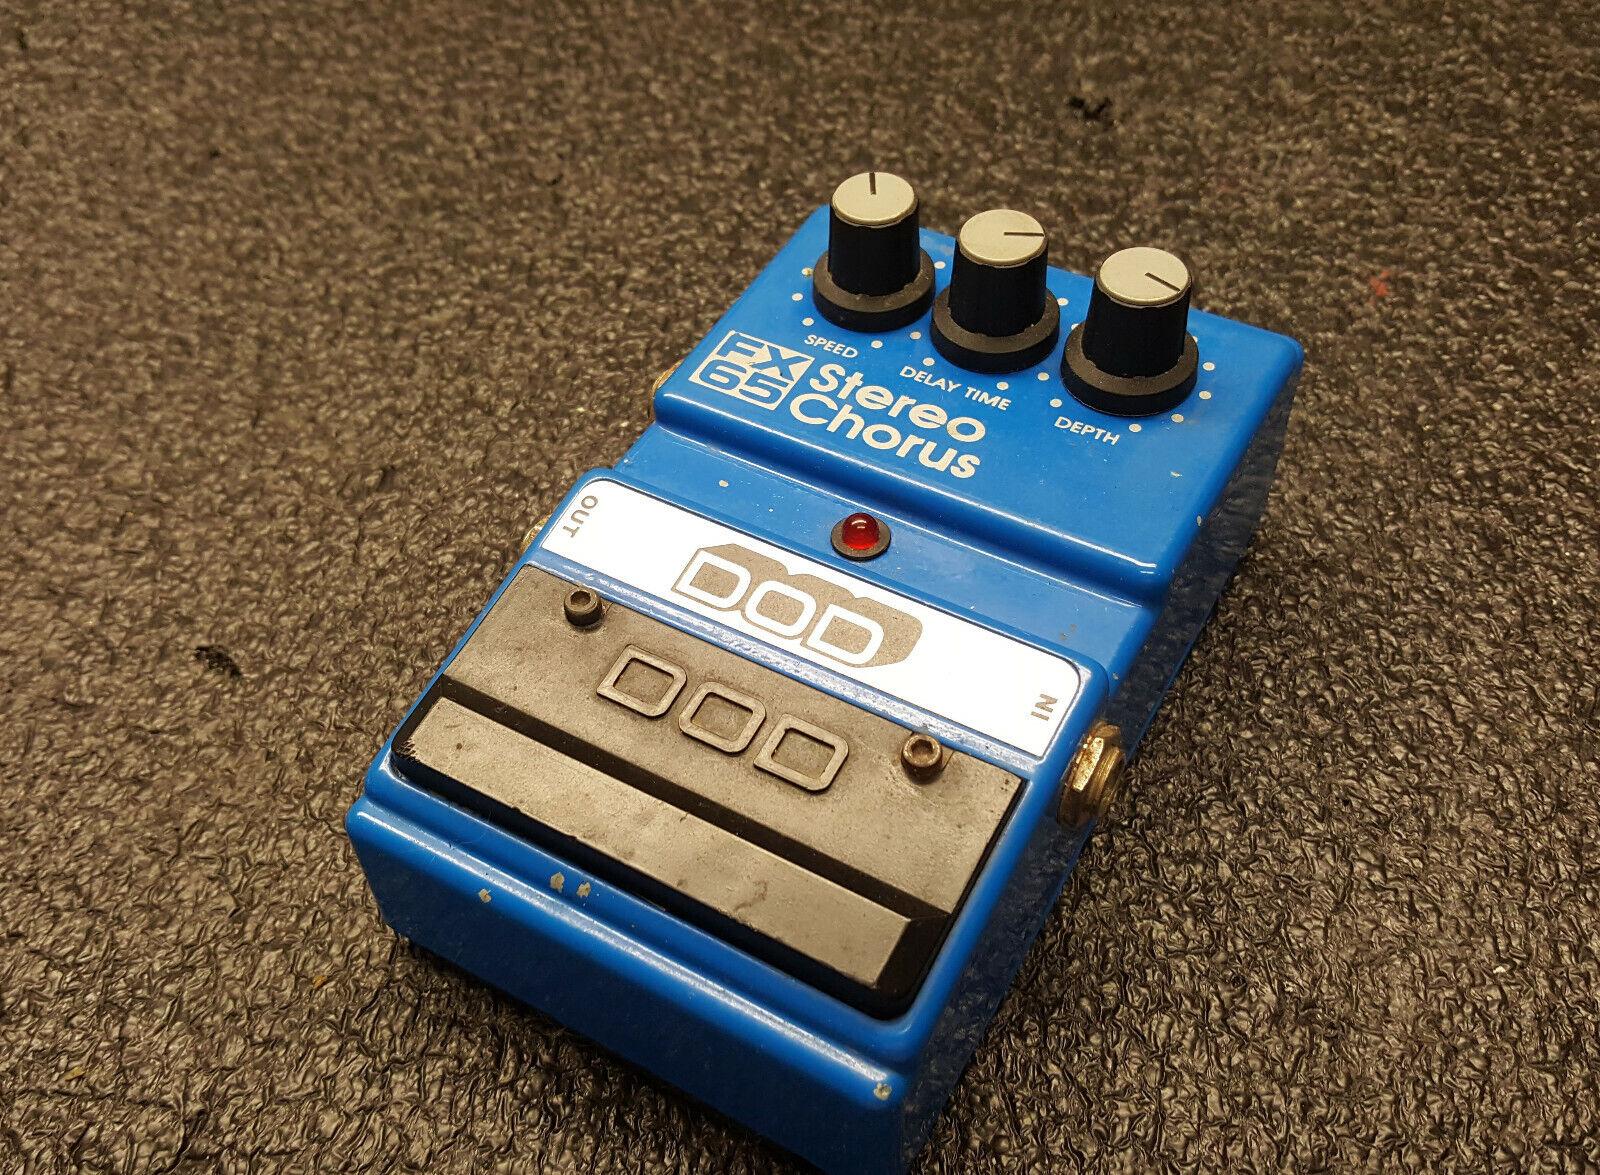 DOD FX-65 Stereochor 1988 USA Blau